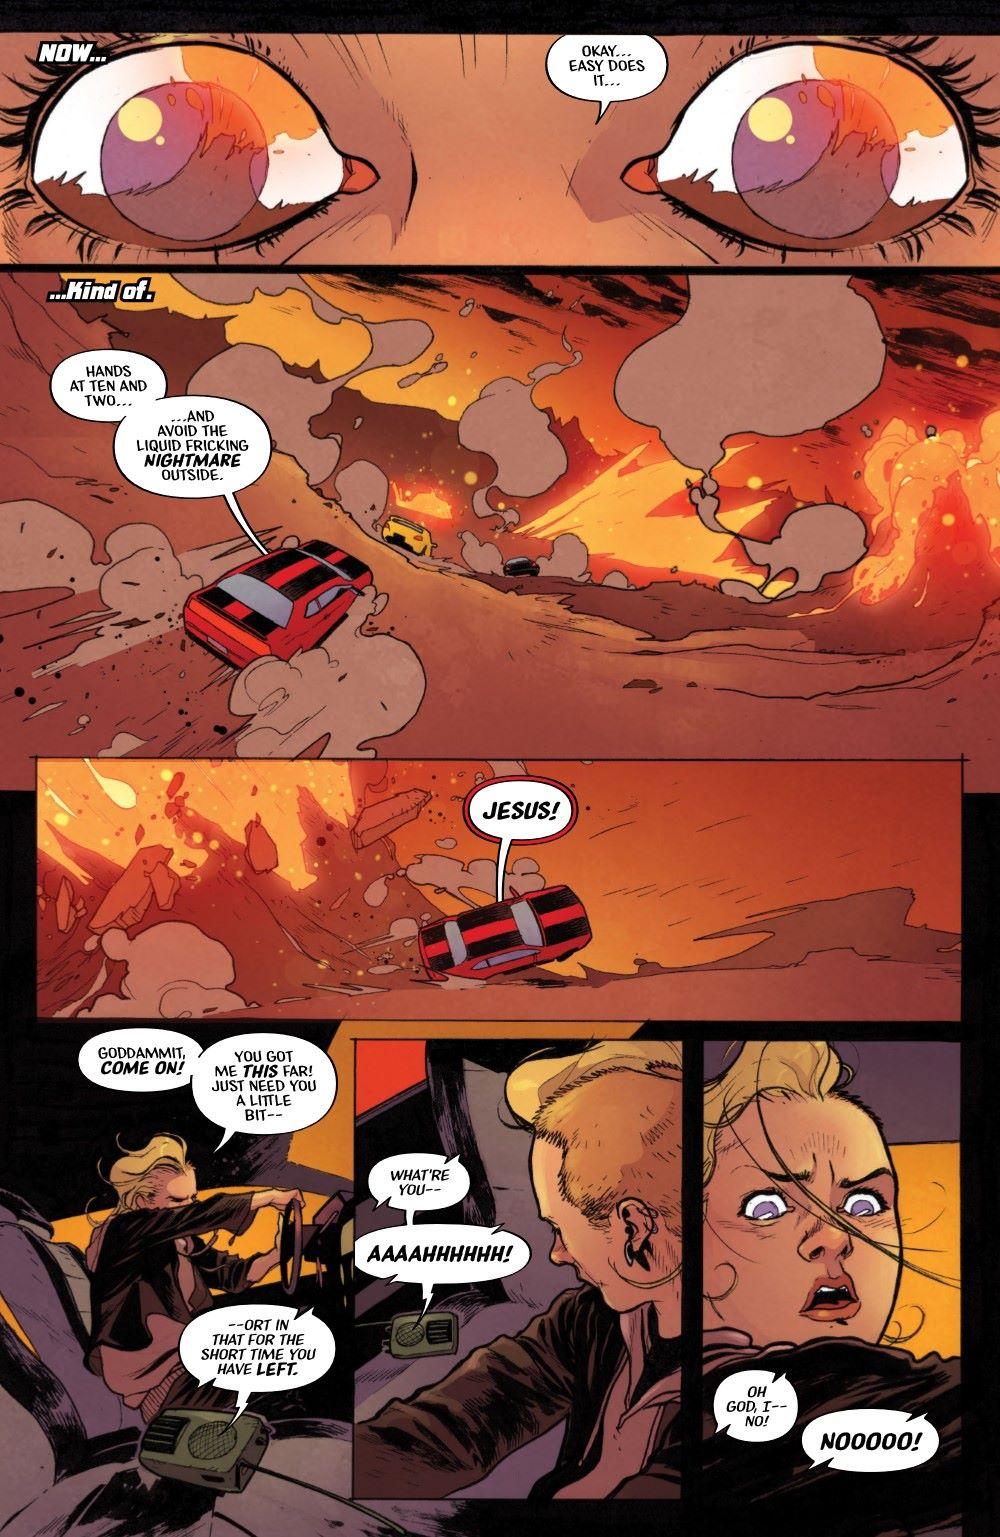 BACKTRACK-10-MARKETING-03 ComicList Previews: BACKTRACK #10